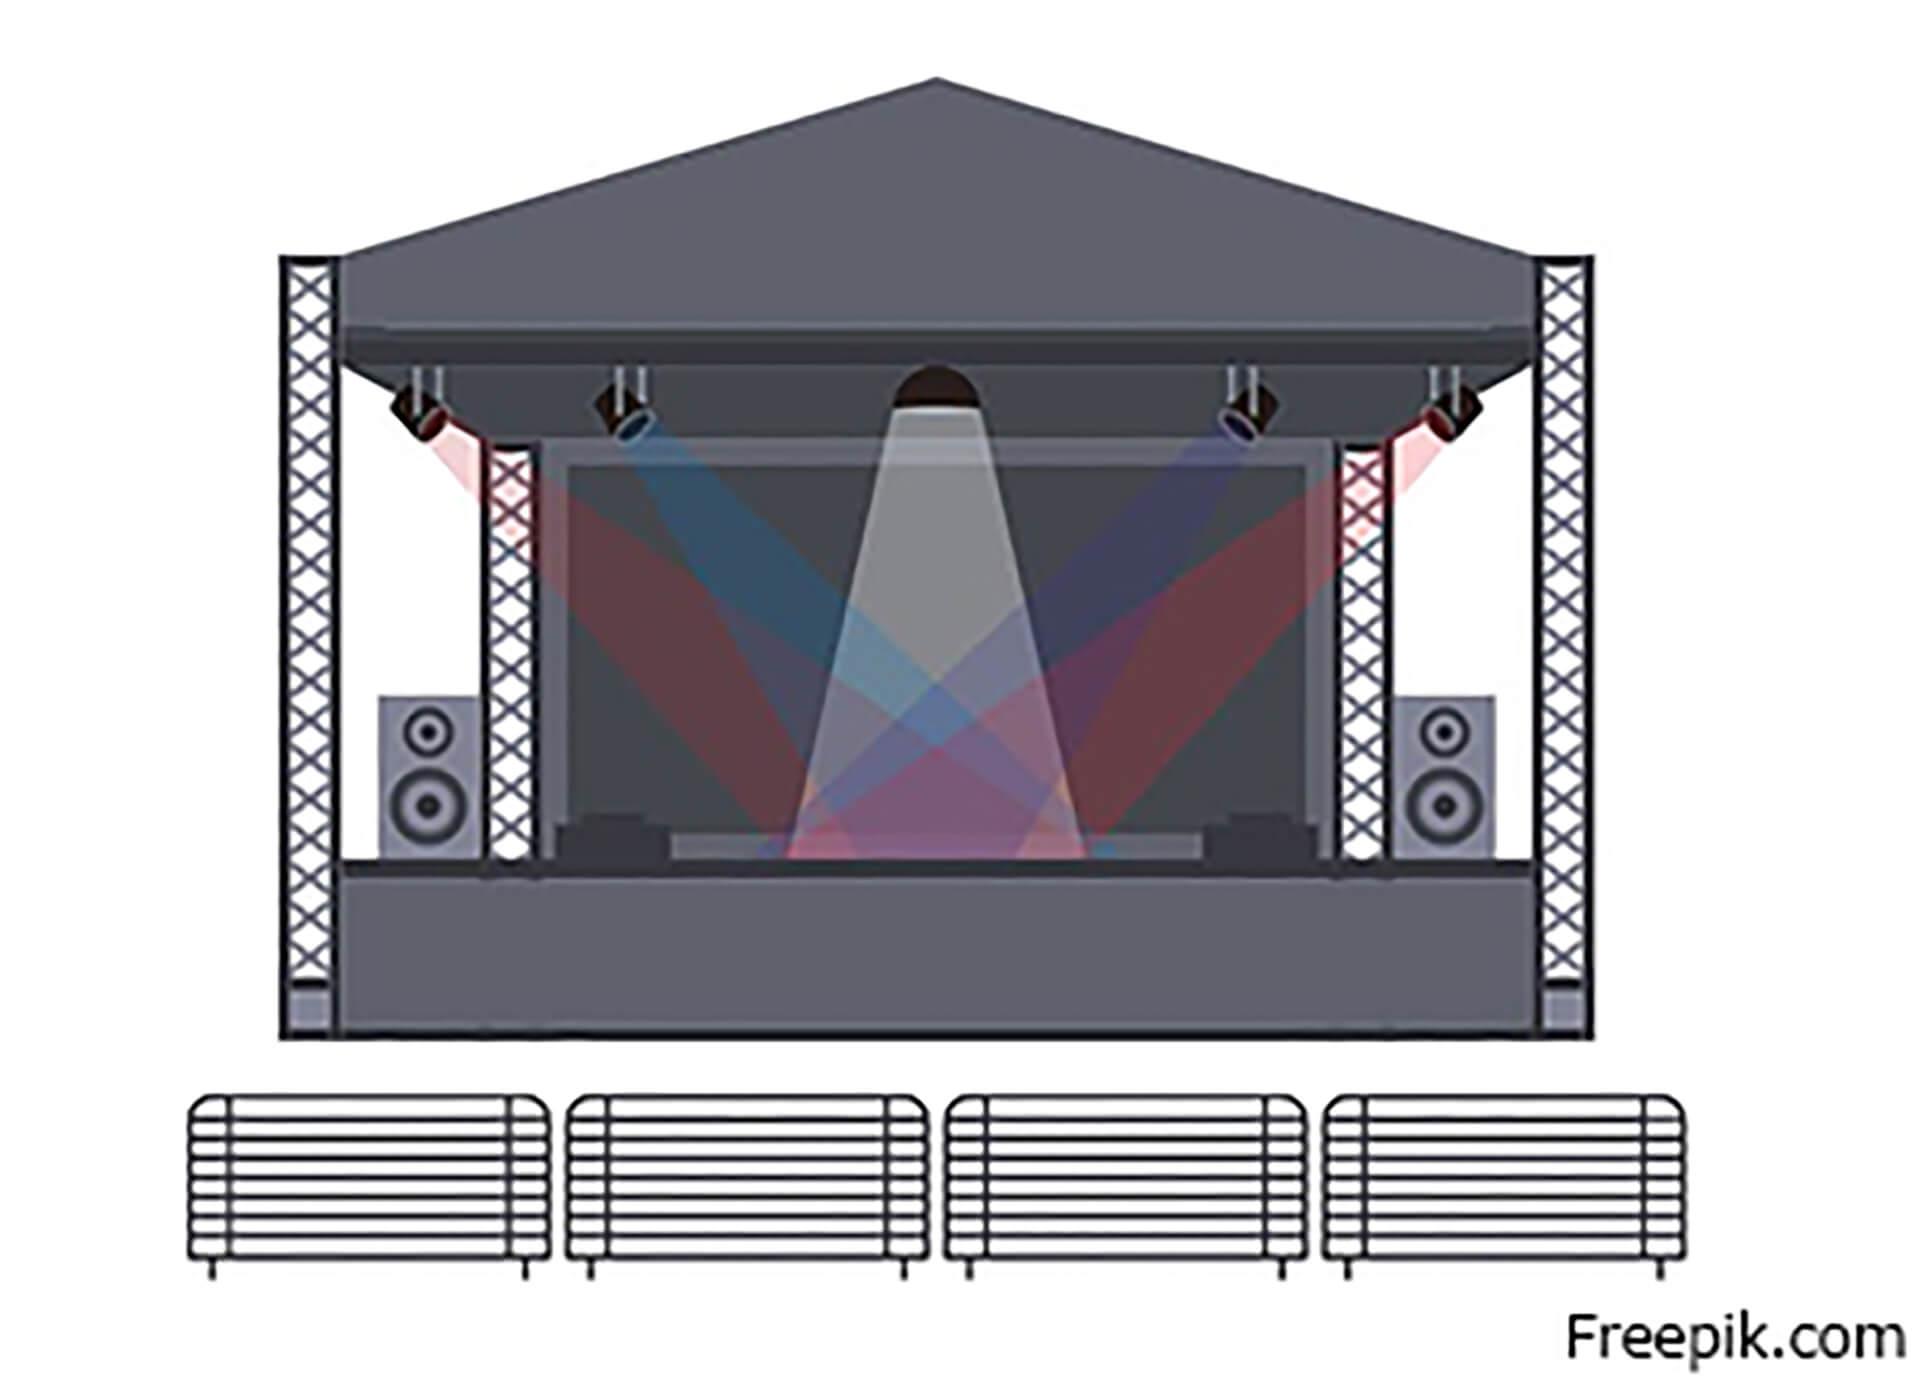 ロシア・ユーラシア文化祭『プラーズニク』ステージイメージ